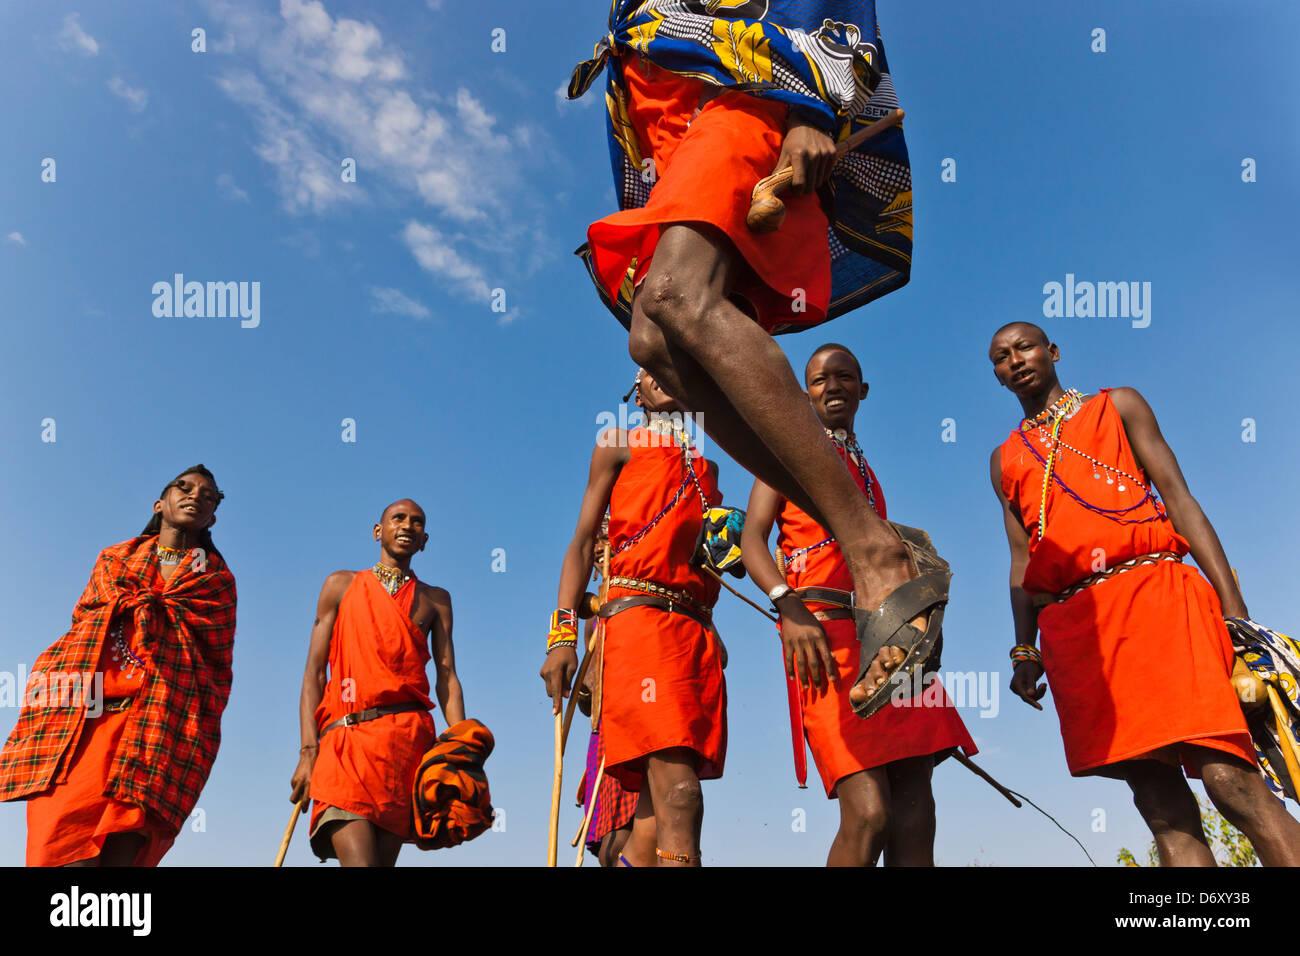 Masai Stammesmitglieder Durchführung springen tanzen, Masai Mara, Kenia Stockbild